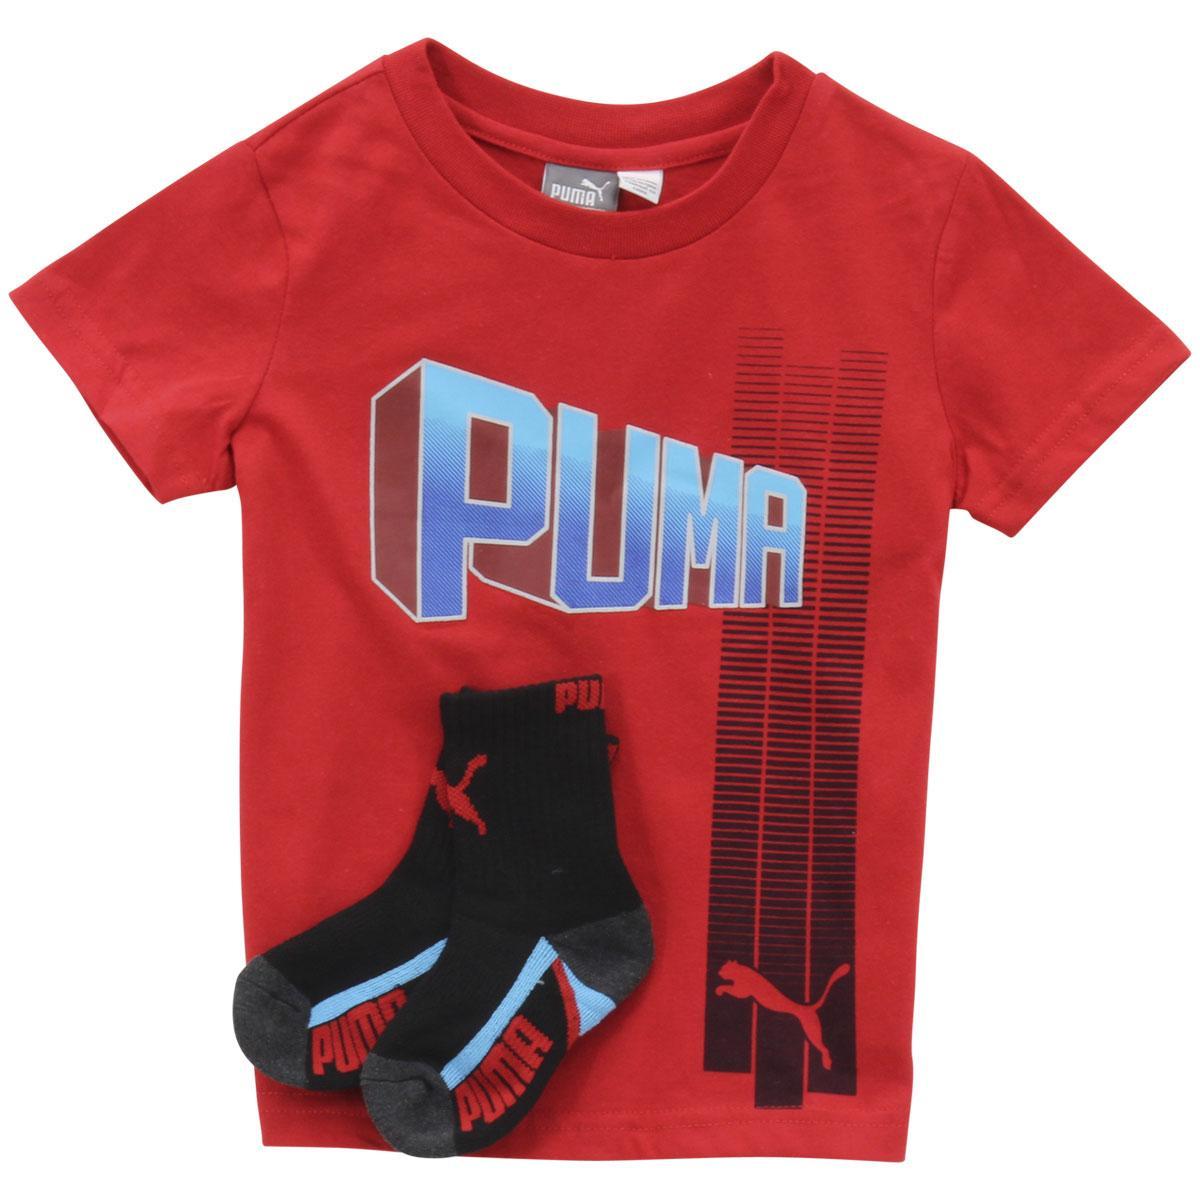 PUMA Little Boys/' Short Sleeve T-Shirt